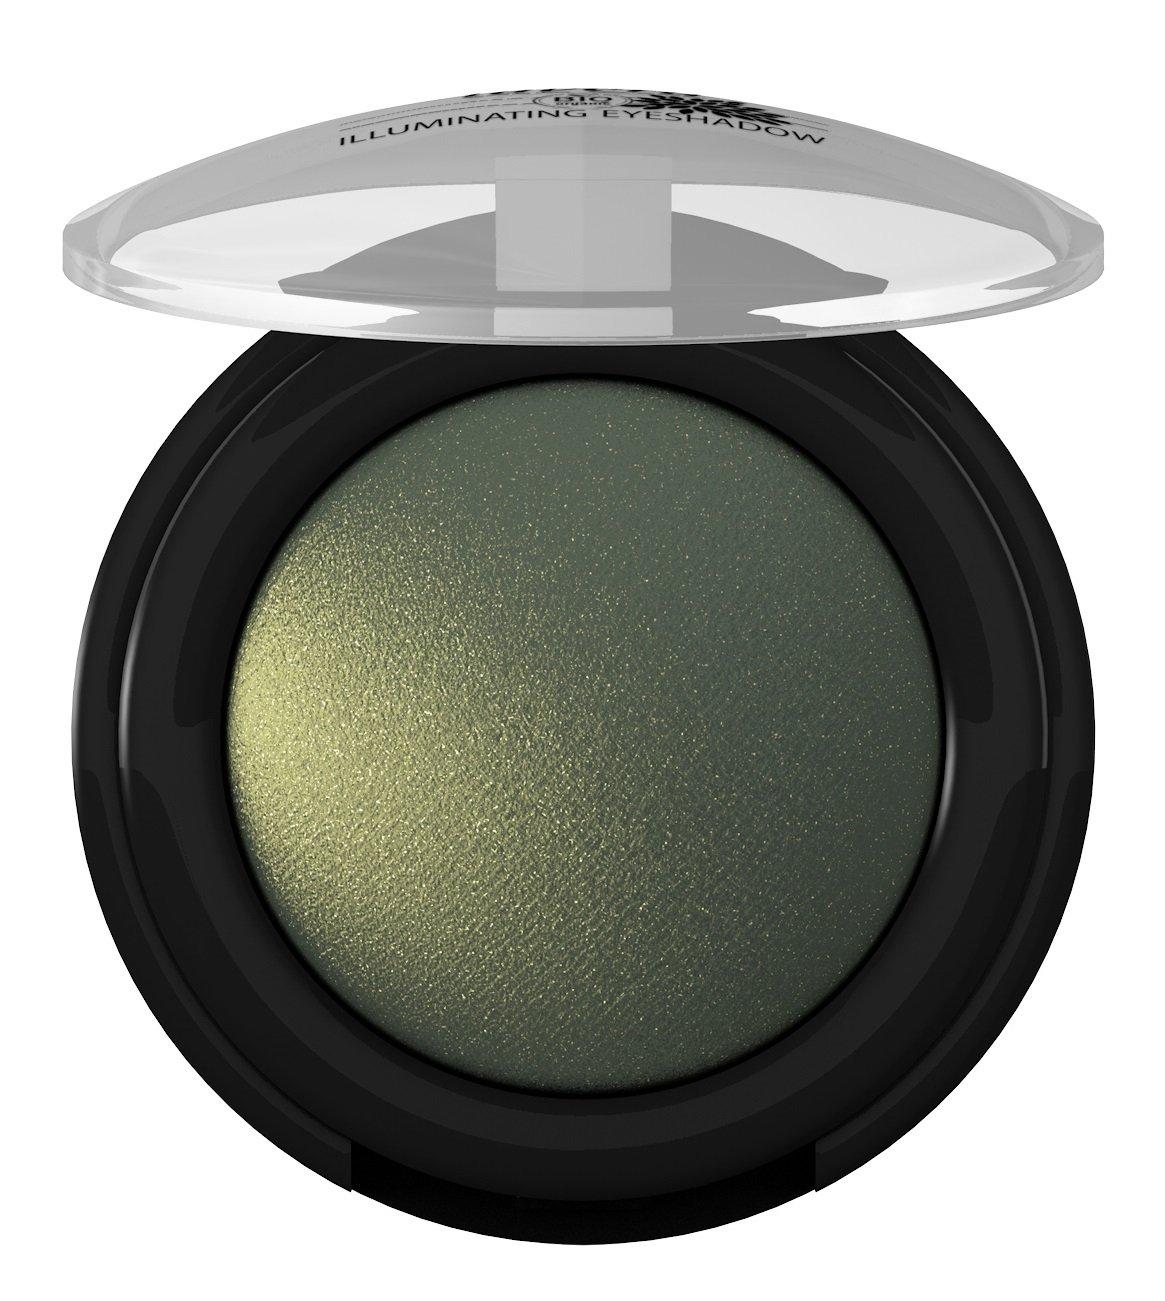 lavera Sombra ojos brillo -Electric Green 07- vegano - cosméticos naturales 100% certificados - maquillaje - 2 gr Laverana 61626